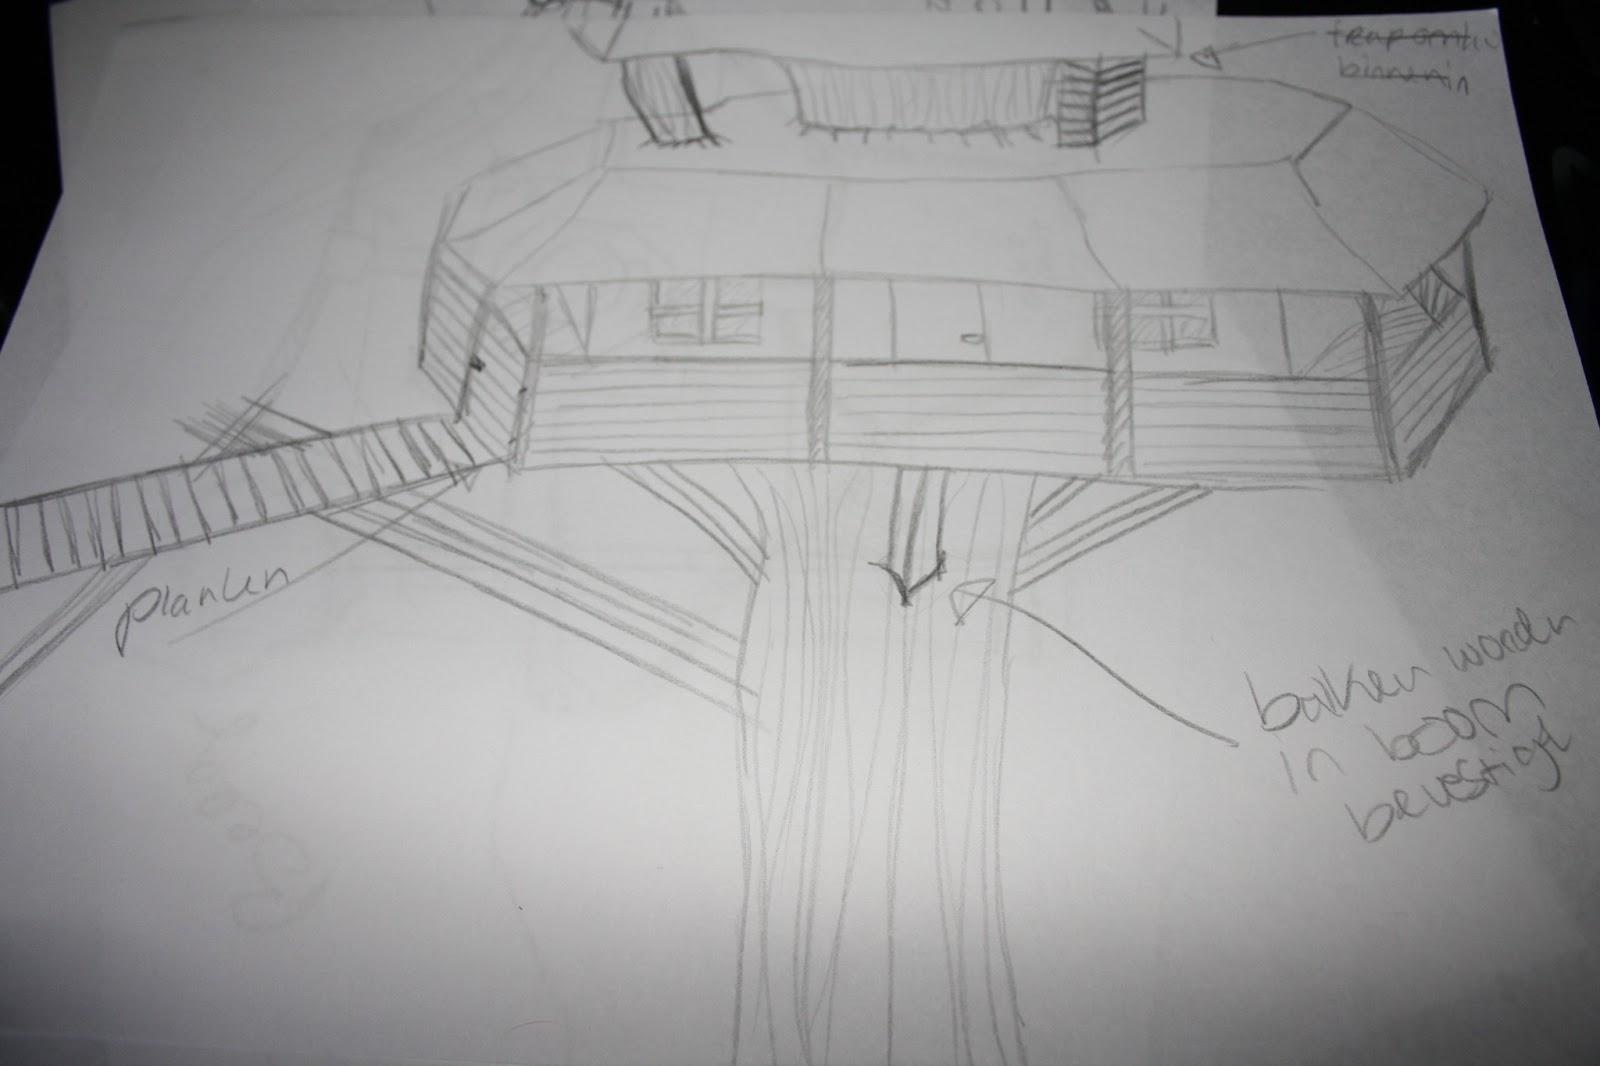 verdieping 2: schets technieken, concept art en het tekentablet